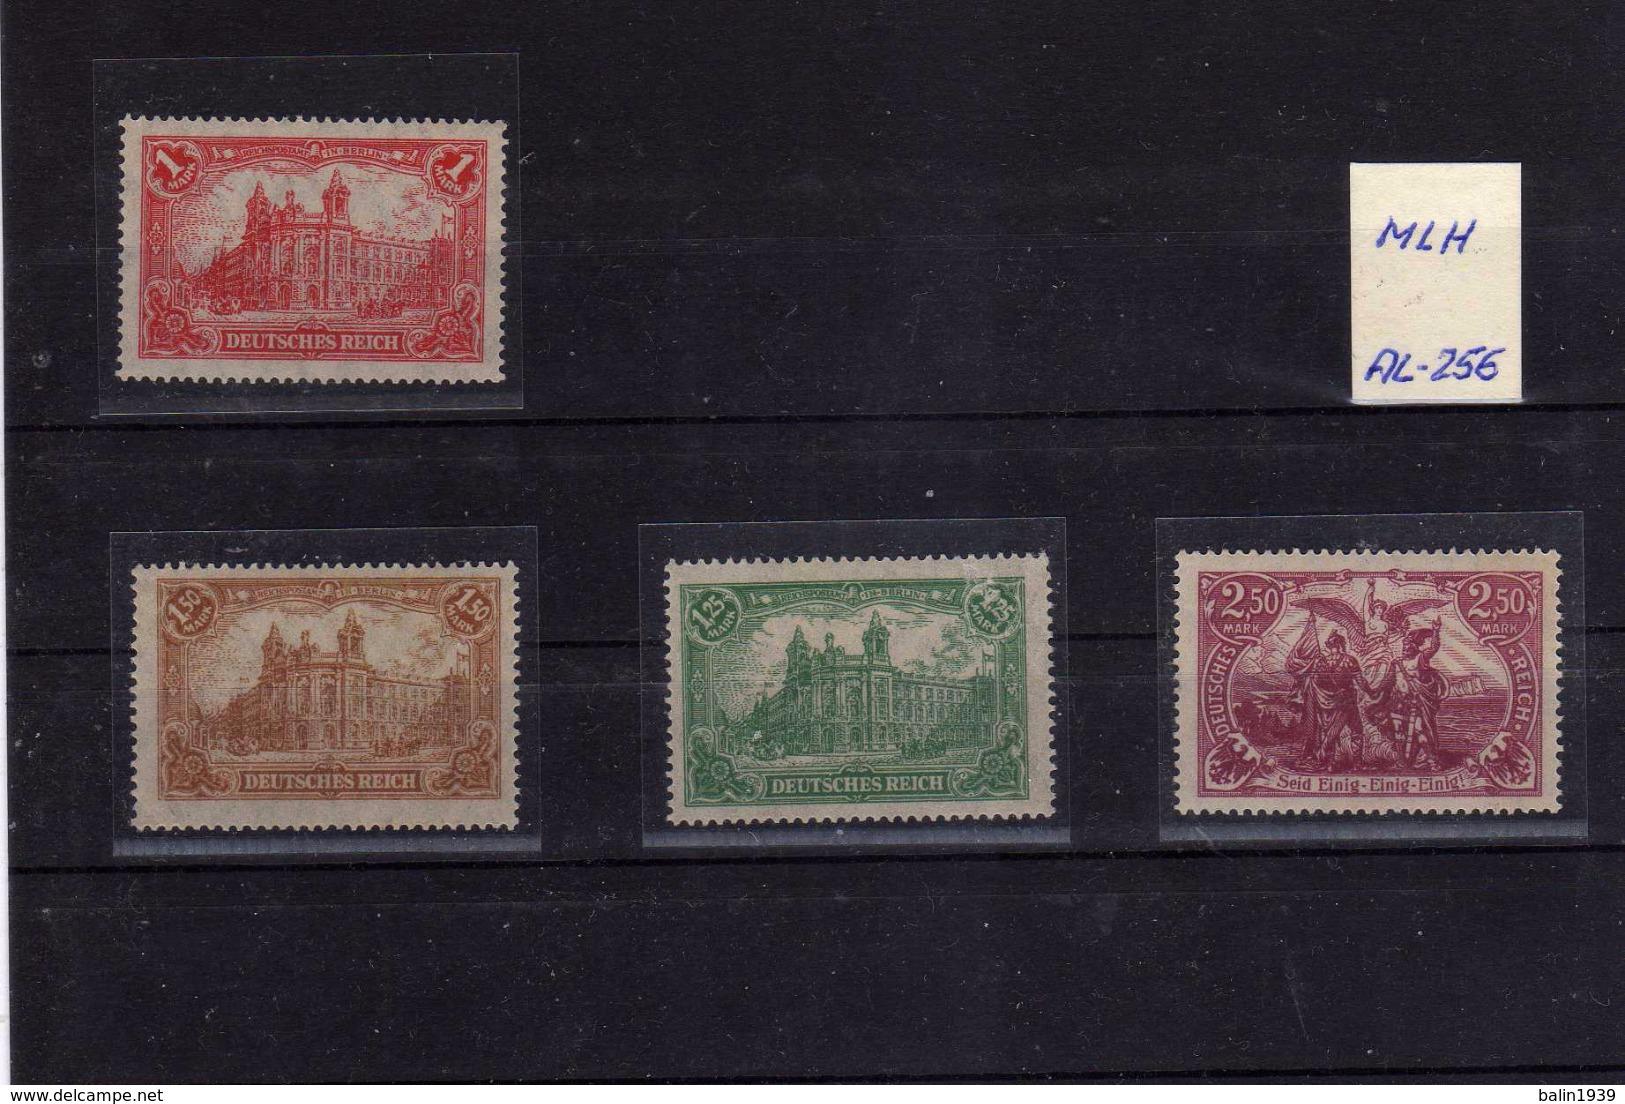 1939 - Alemania - Mi  - MLH - AL-256 - Alemania